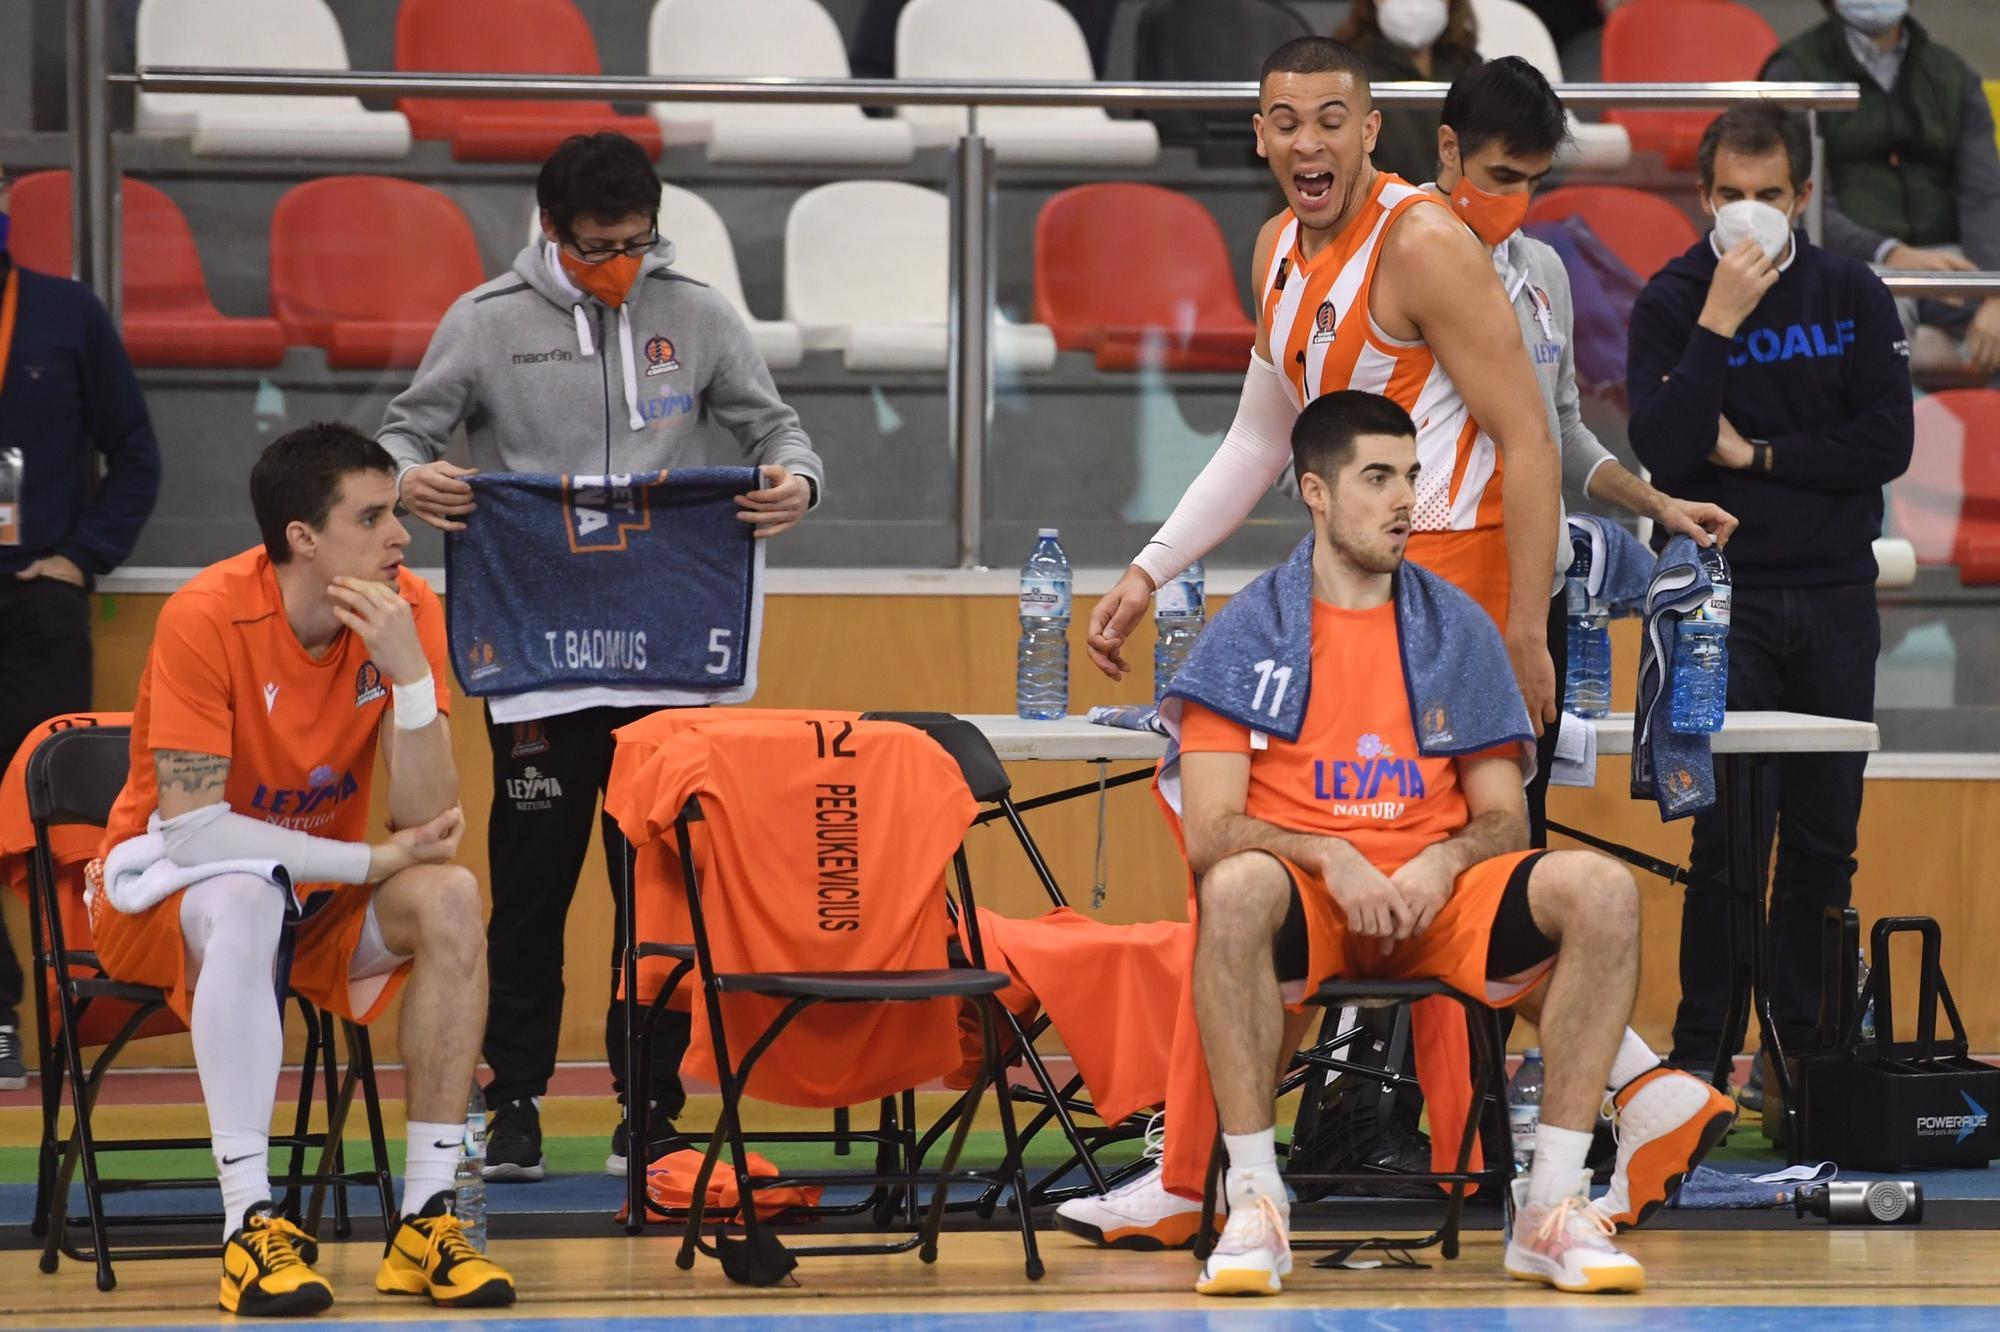 El Leyma gana a Cáceres, pero pierde a Pecius por una grave lesión